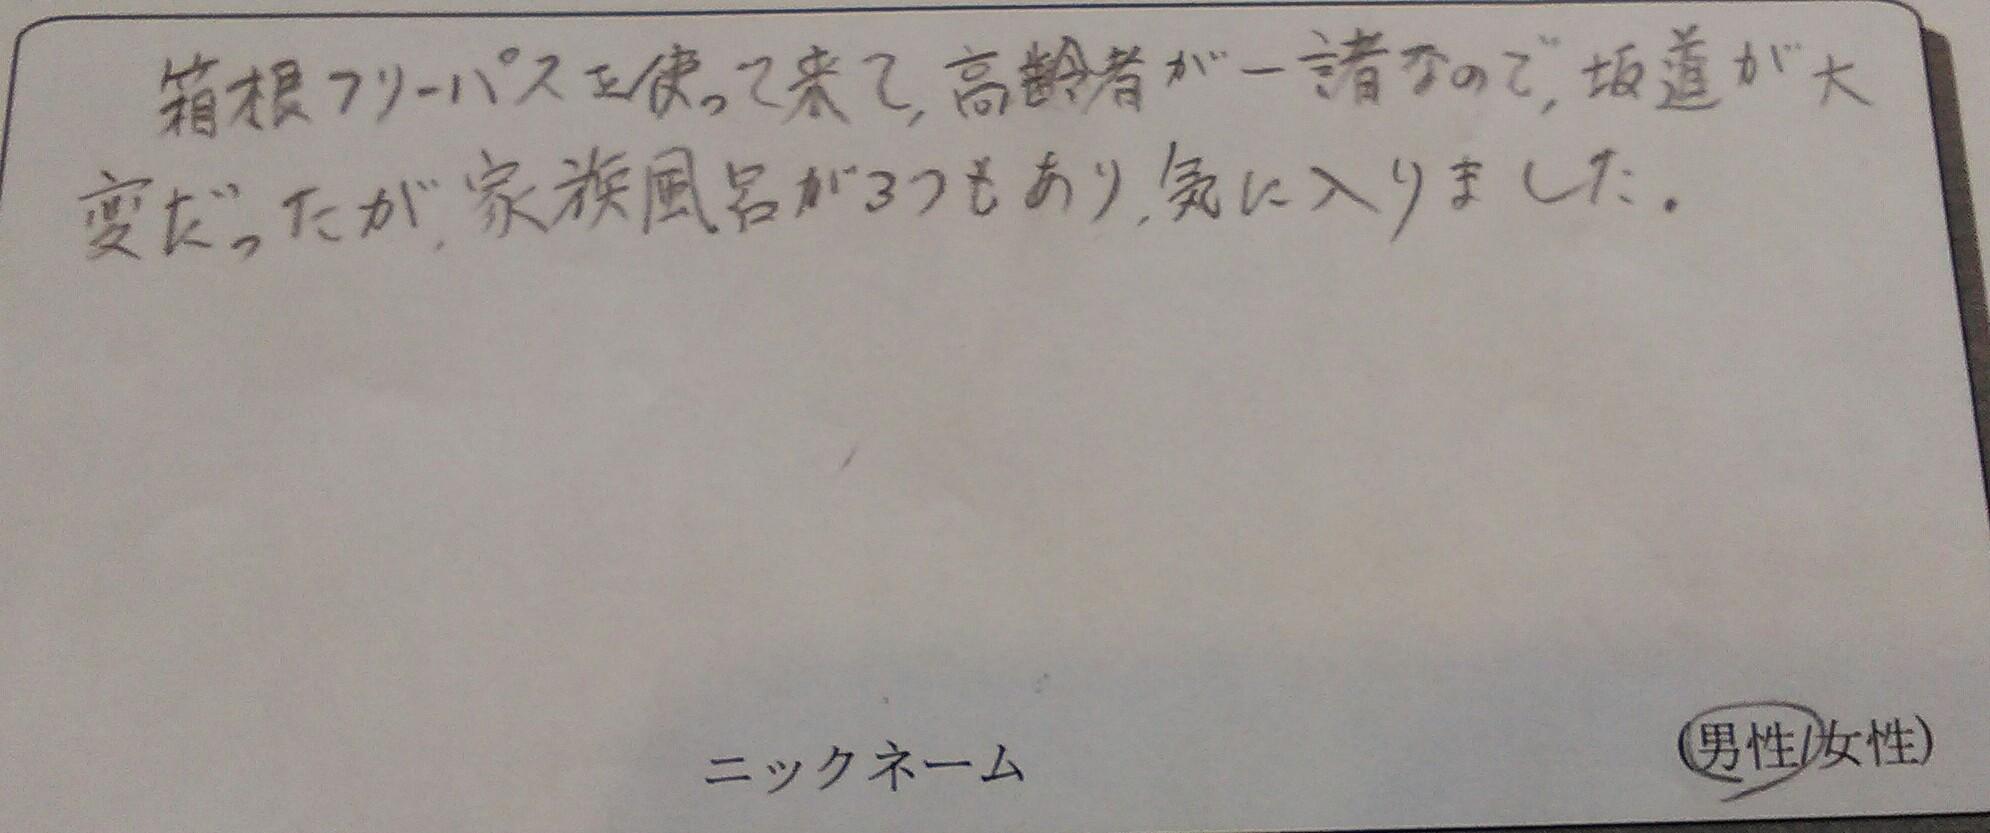 箱根フリーパスを使って来て、高齢者が一緒なので坂道がだったが、<br /> 家族風呂が3つもあり気に入りました。<br />